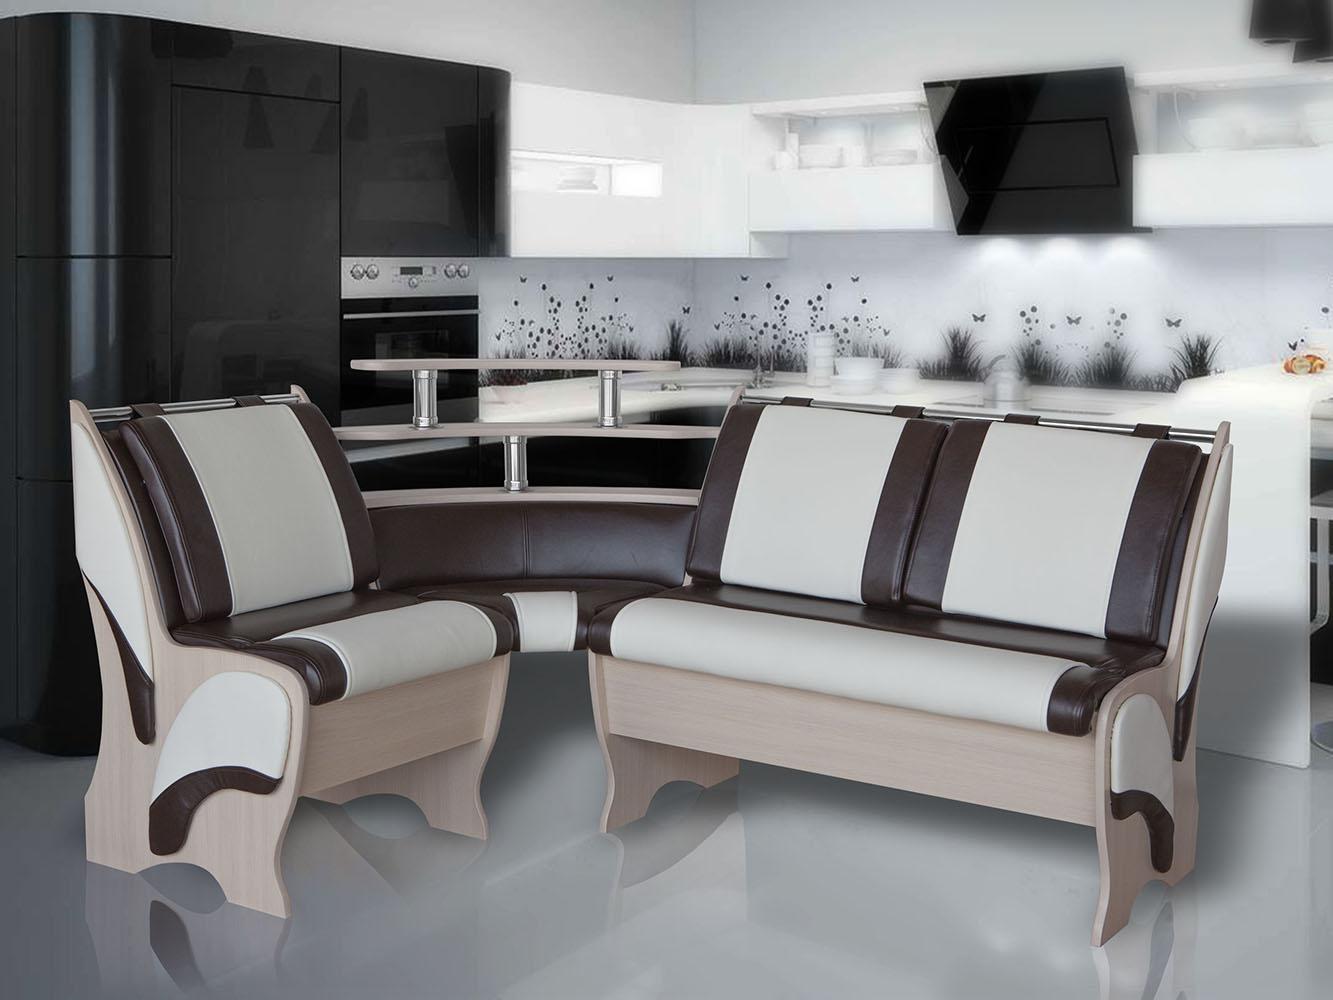 КУ-30 дуб млечный (иск. кожа кат.5) С-0402, Ф-8гл дешево в Новосибирске — интернет-магазин мебели